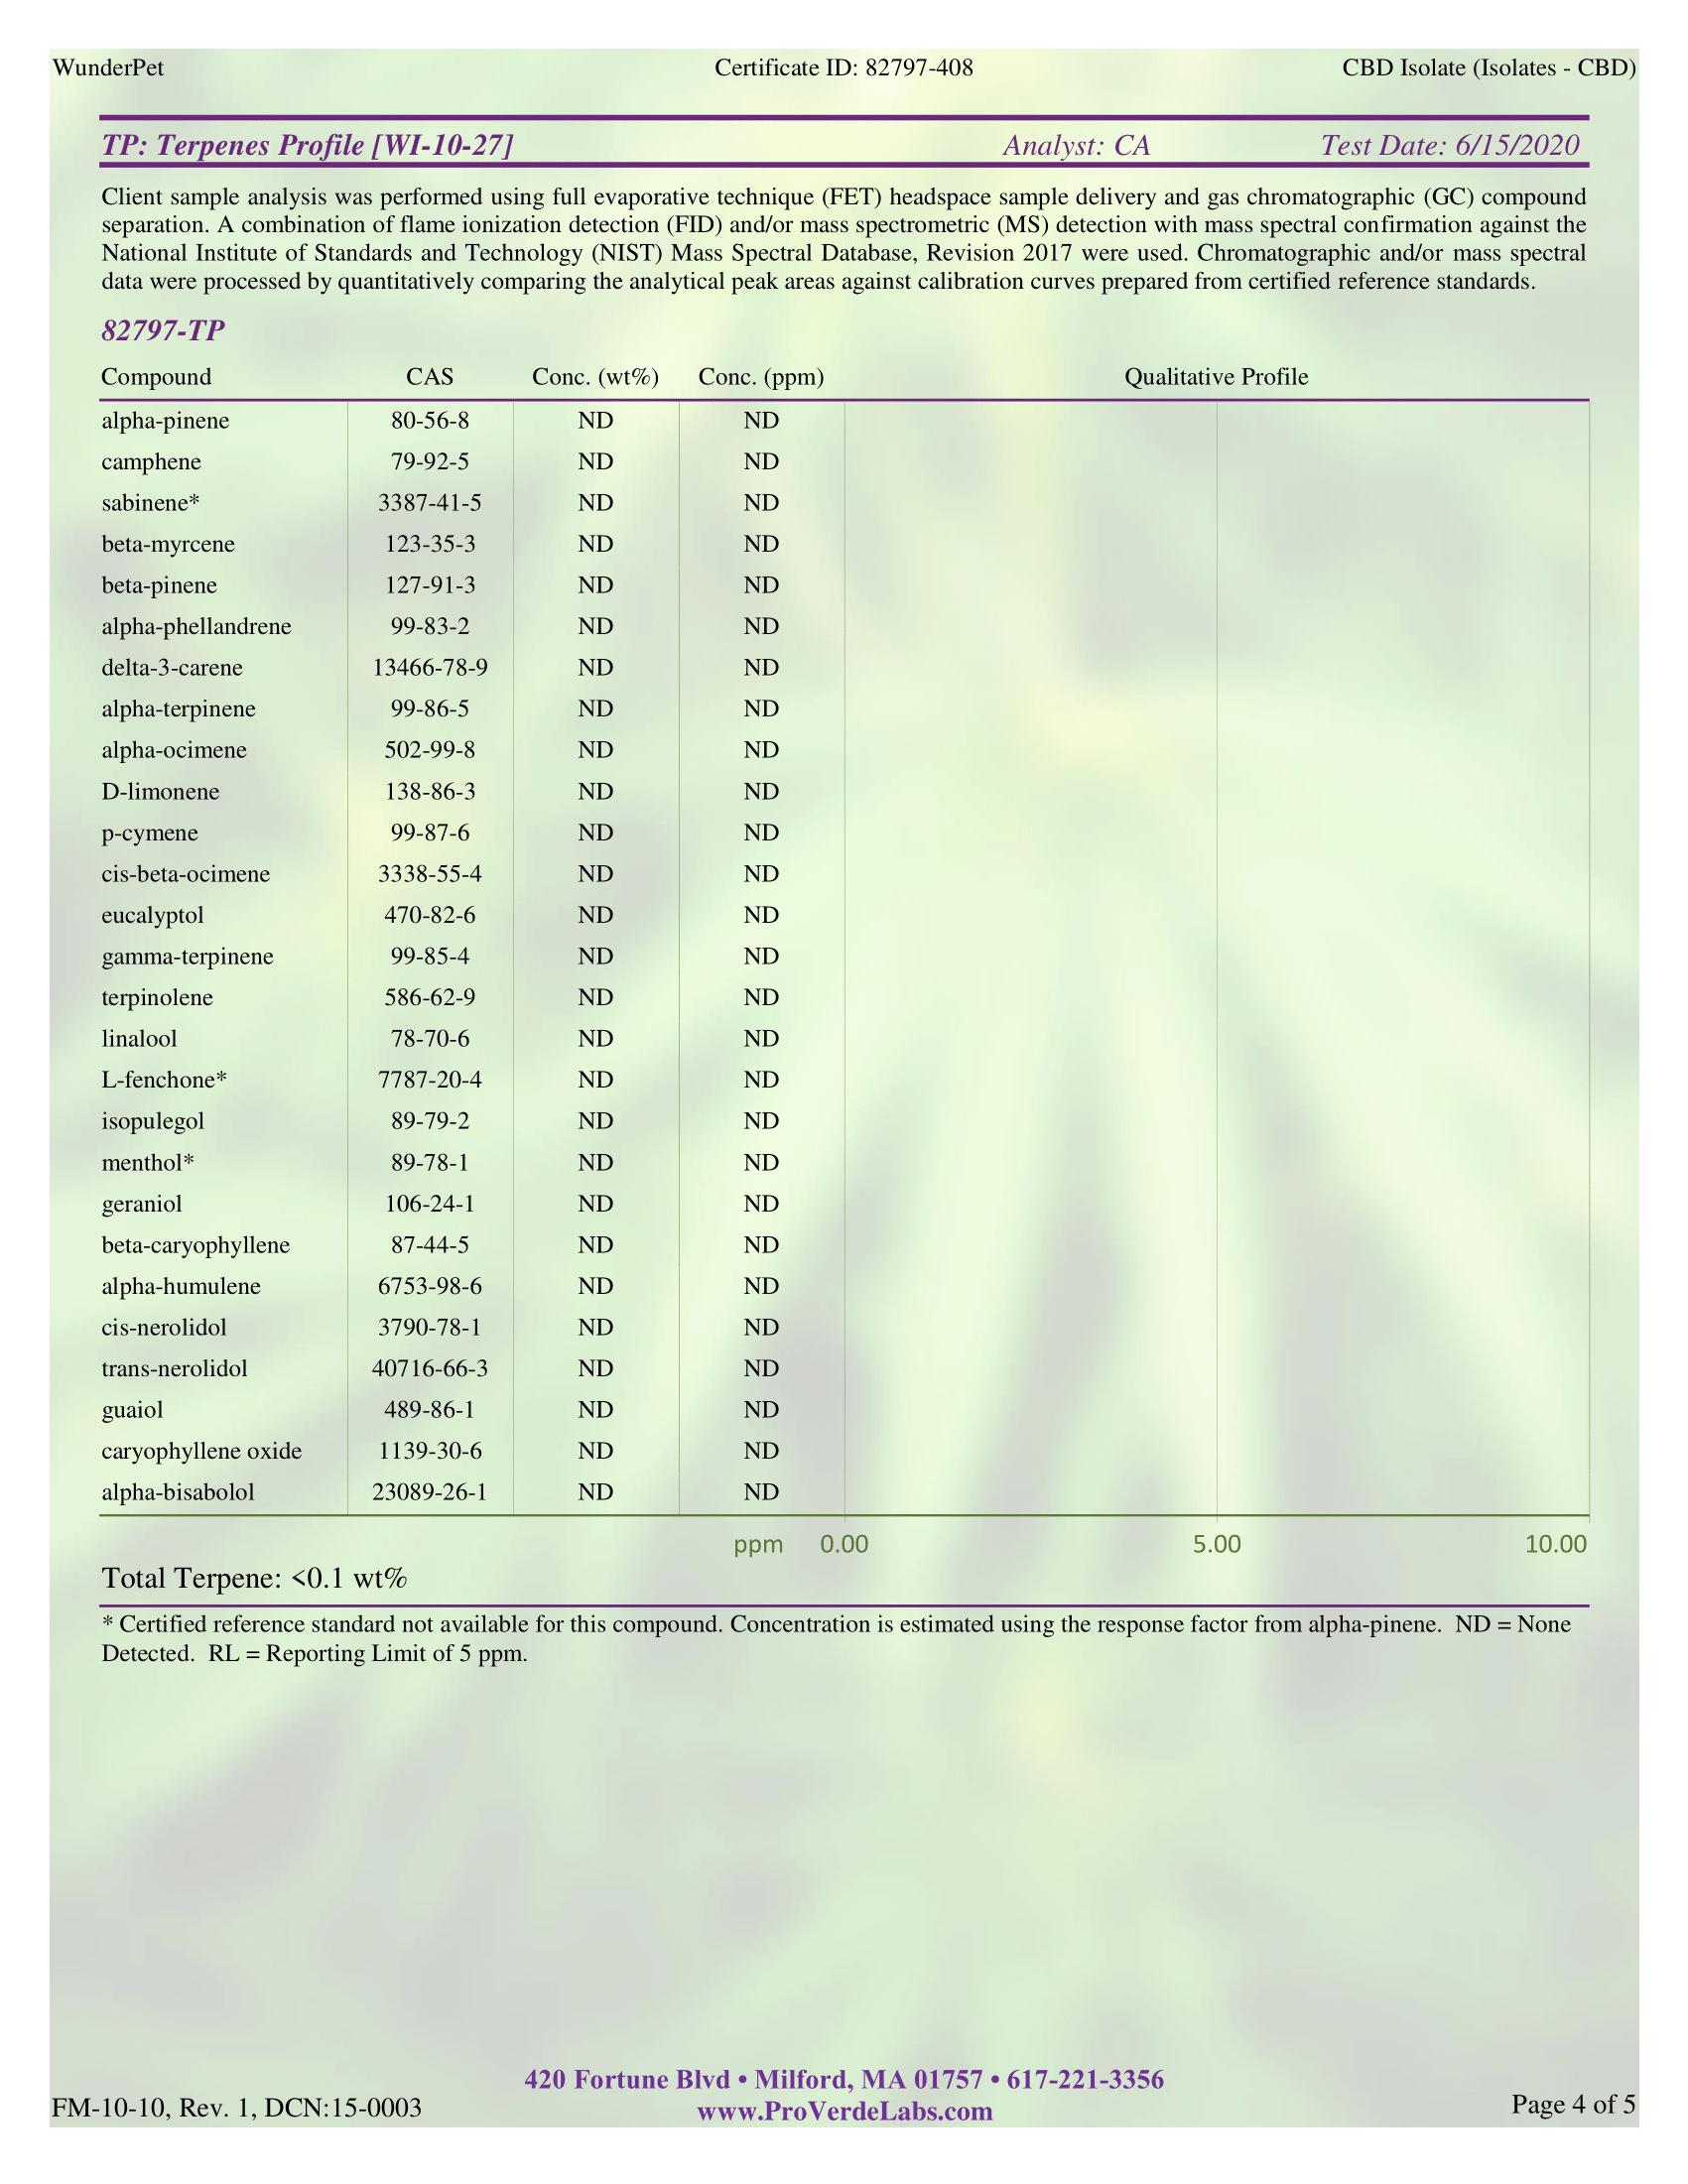 results.ashx-4